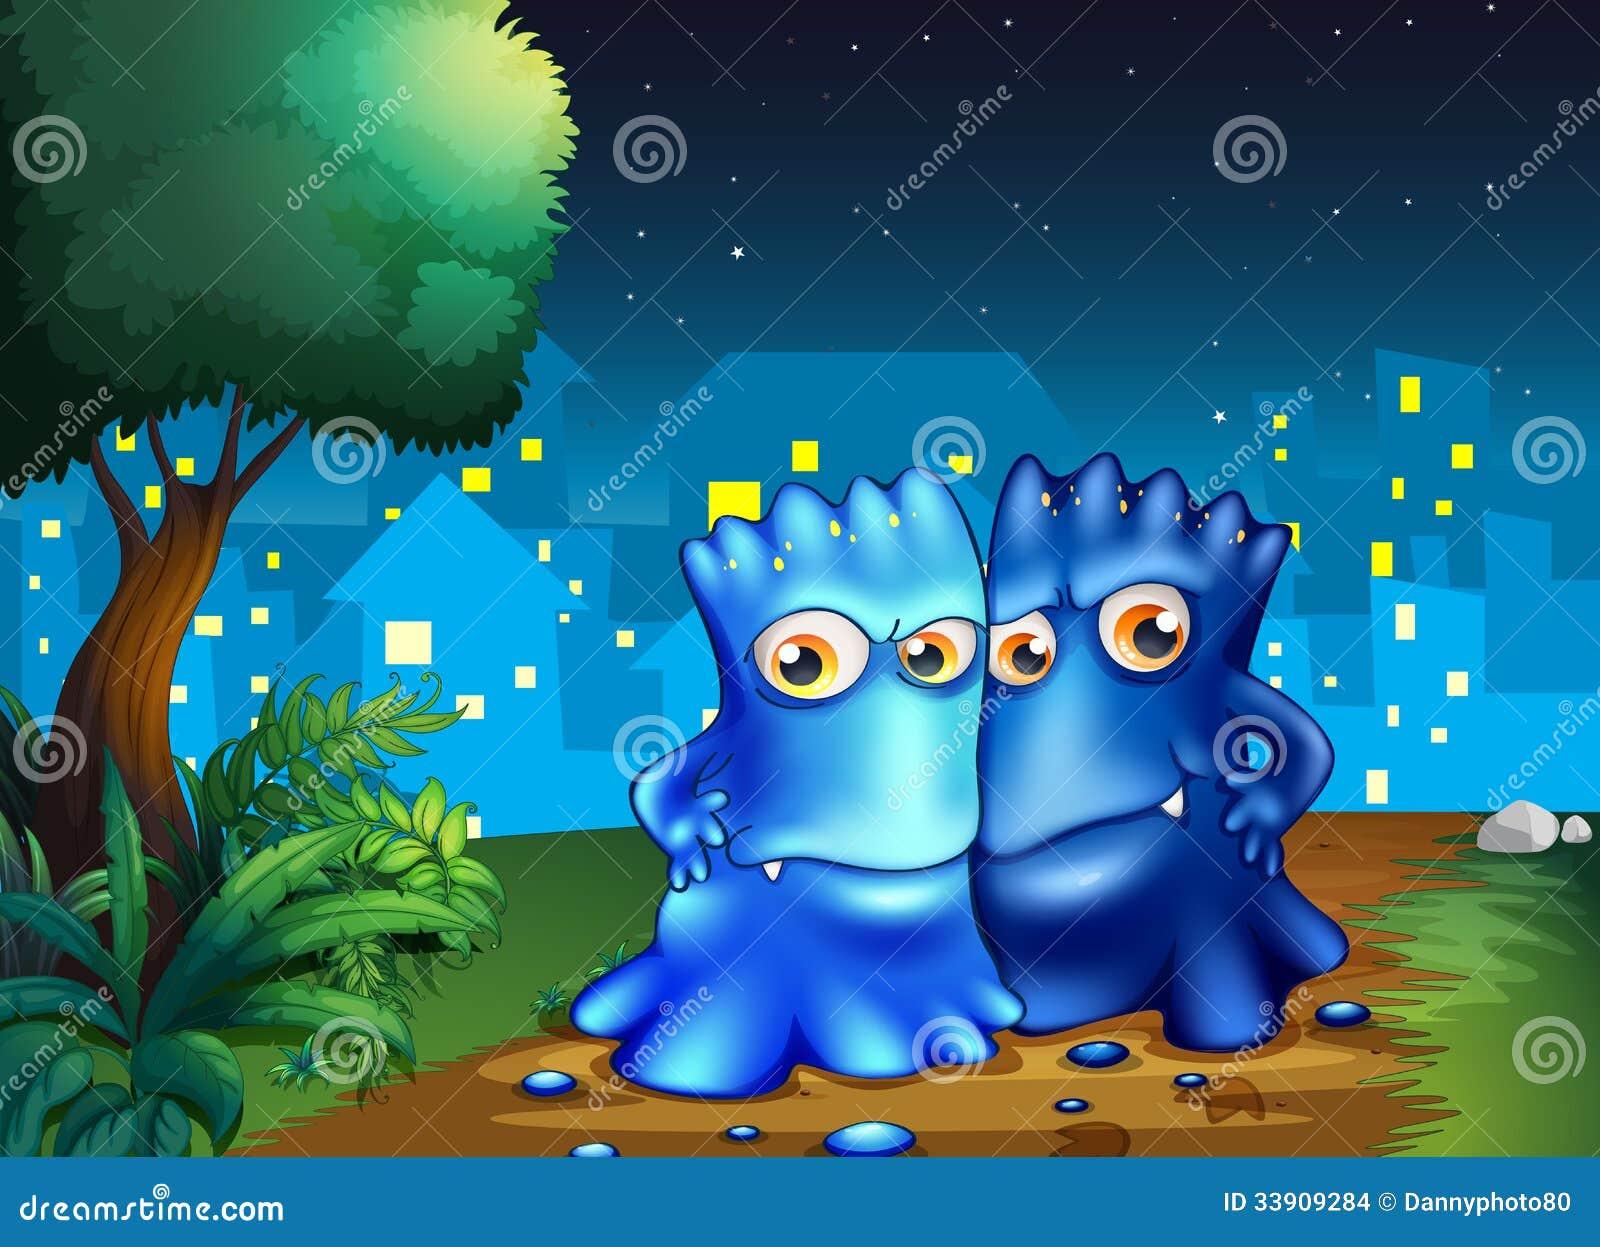 Twee monsters die in het midden van de nacht wandelen